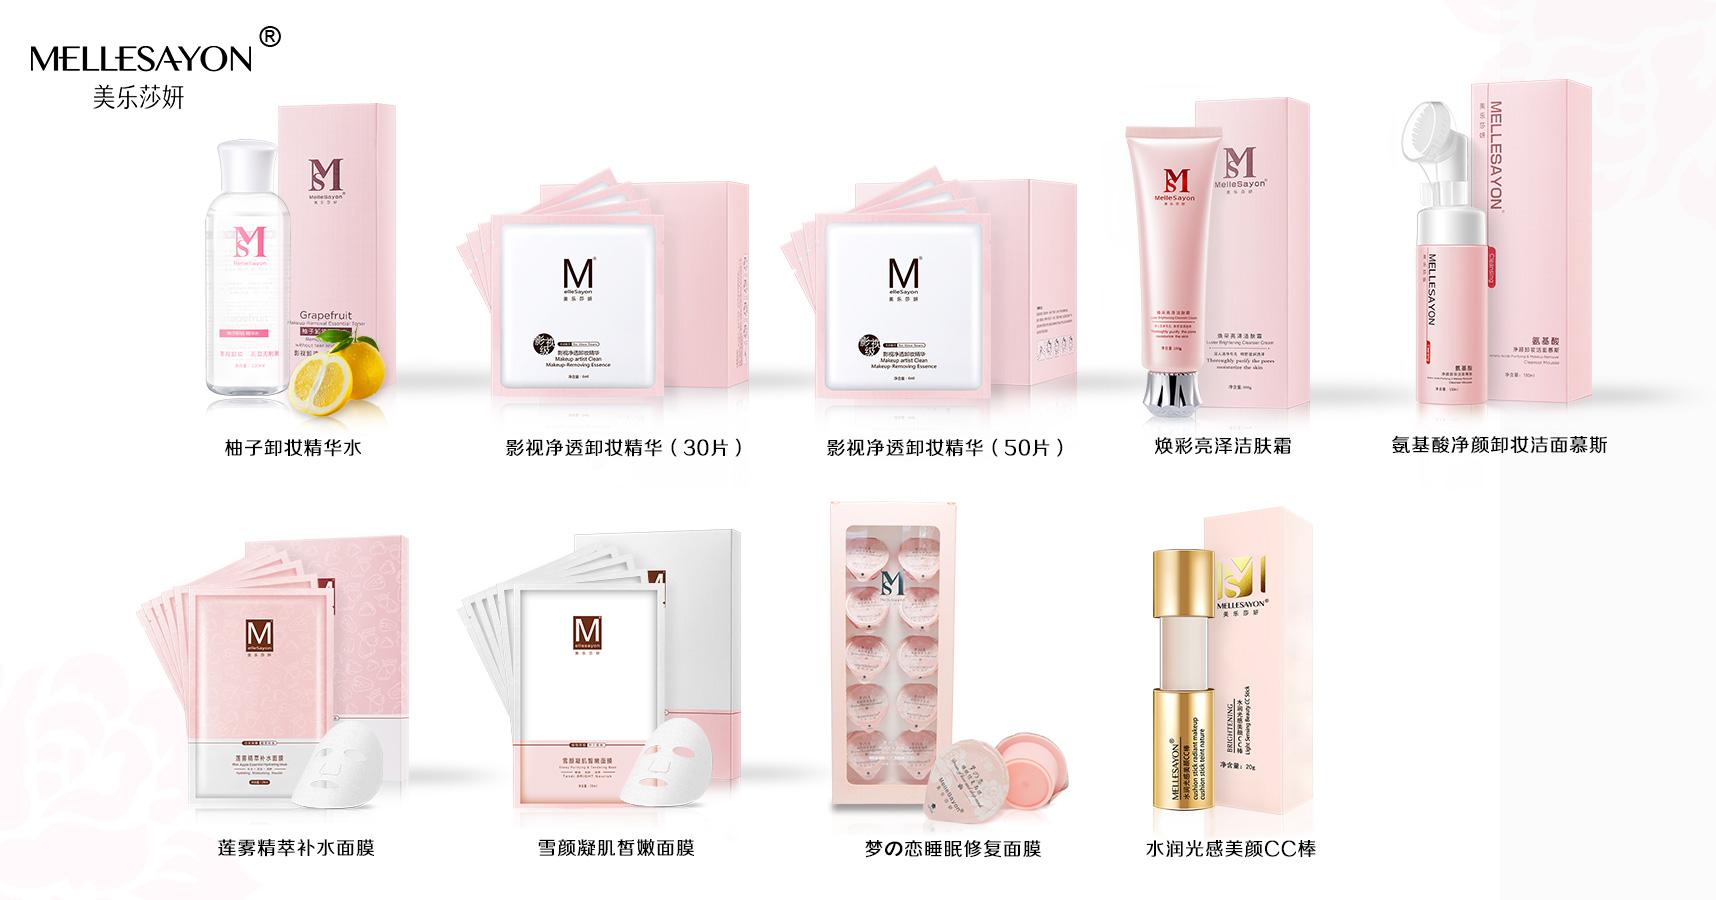 美樂莎妍護膚品系列2